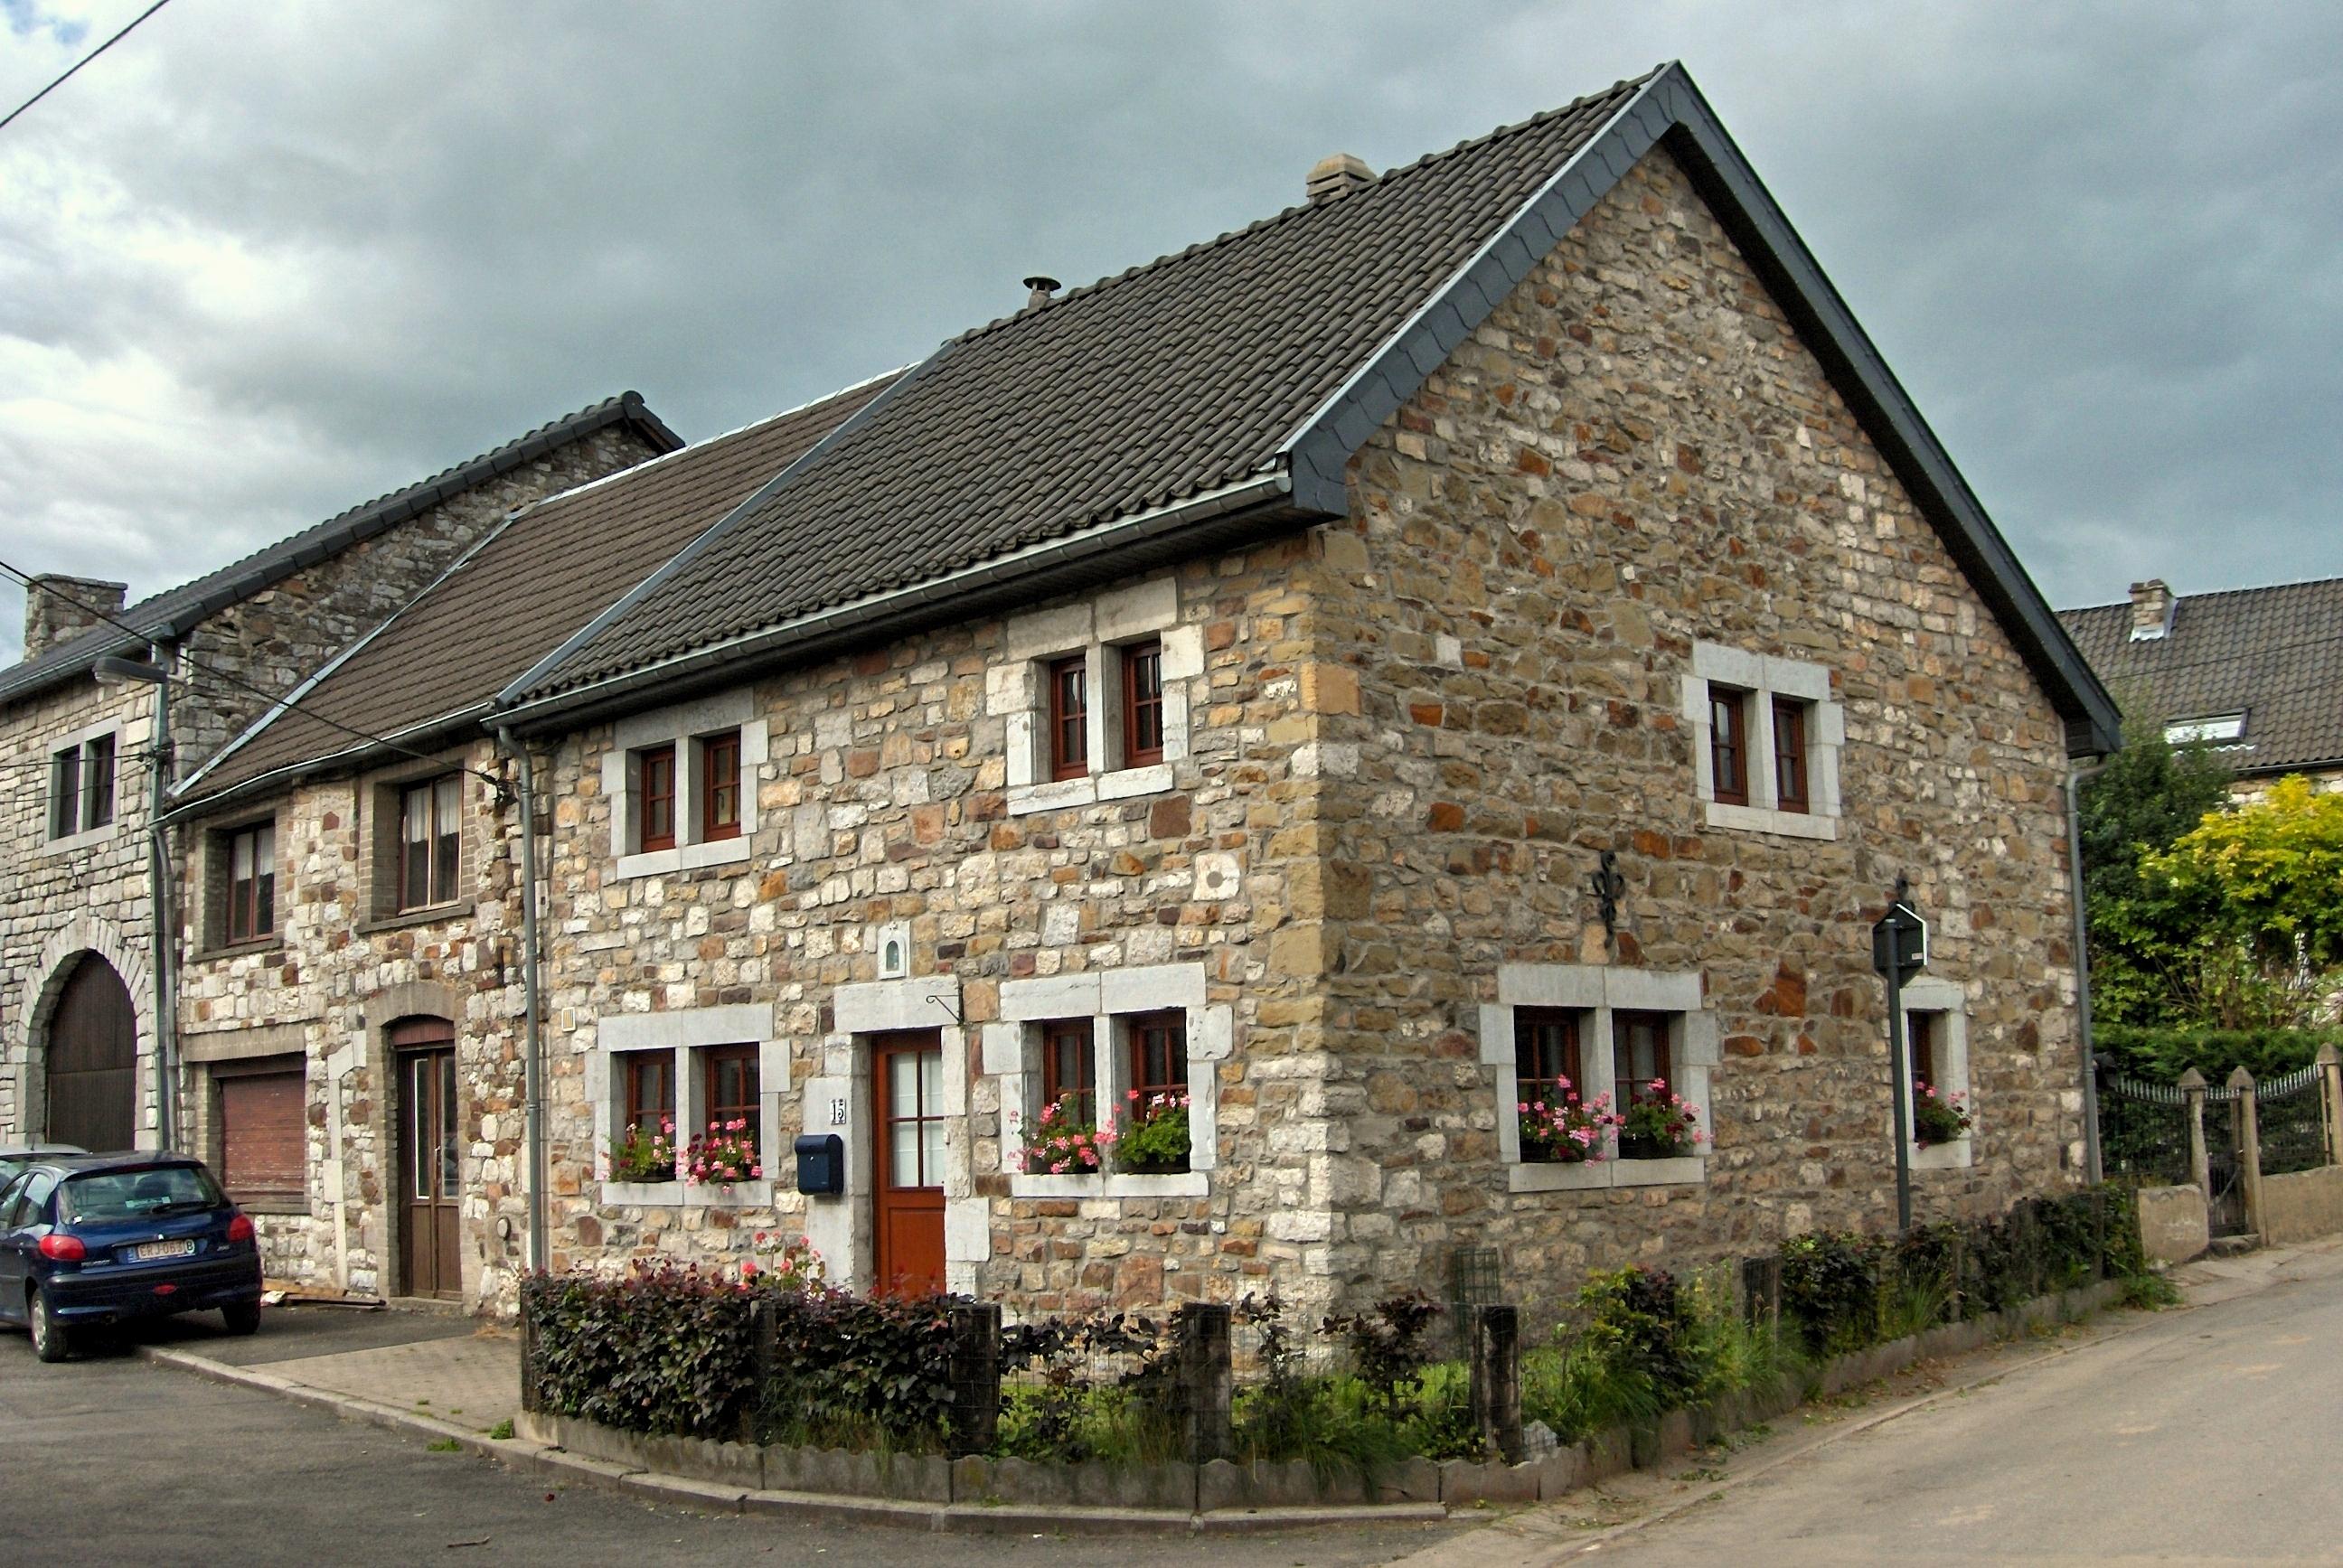 Vieilles maisons ardennaises a deigne 1 echos du for Maison minimaliste belgique